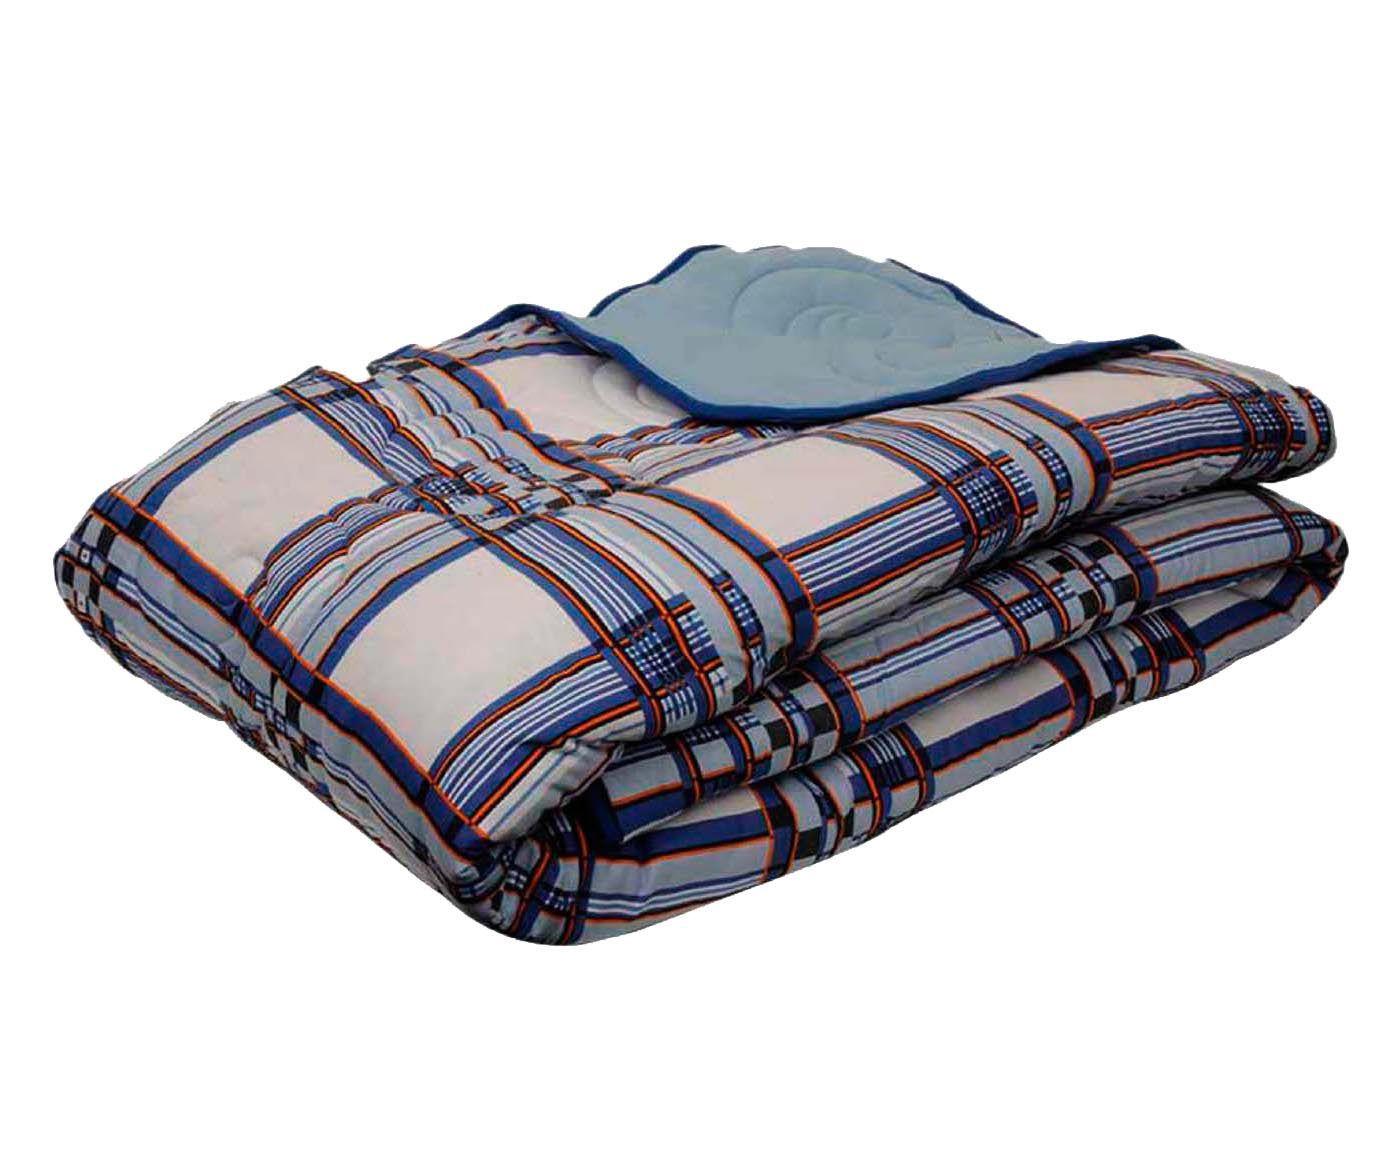 Edredom bed men - para cama de casal | Westwing.com.br